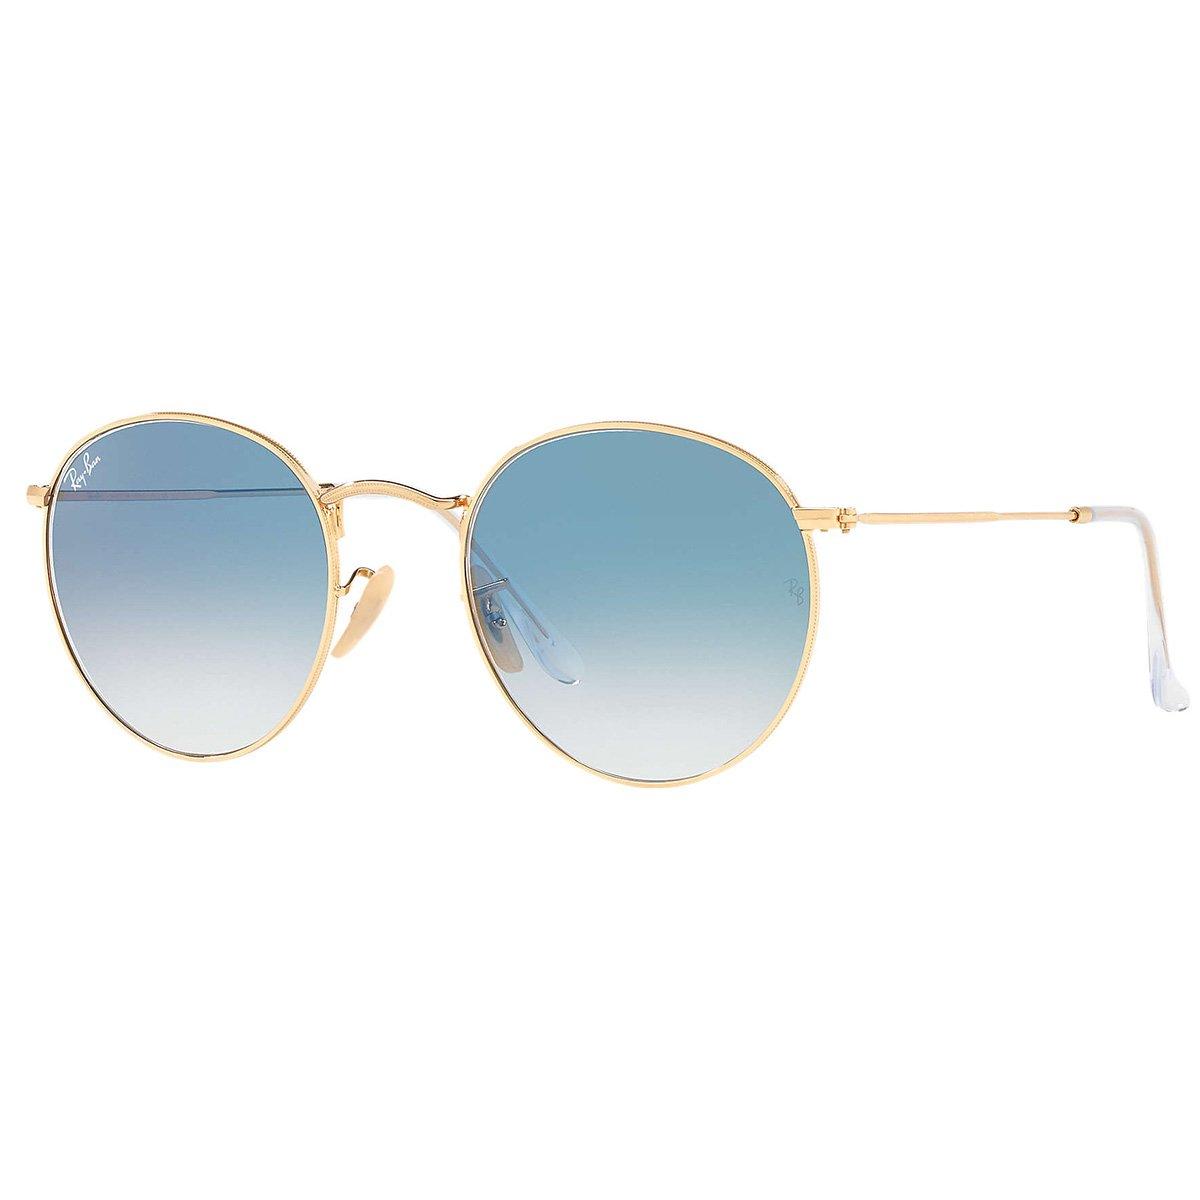 b0d97cd0d Compre Óculos de Sol Ray Ban Round Metal em 10X